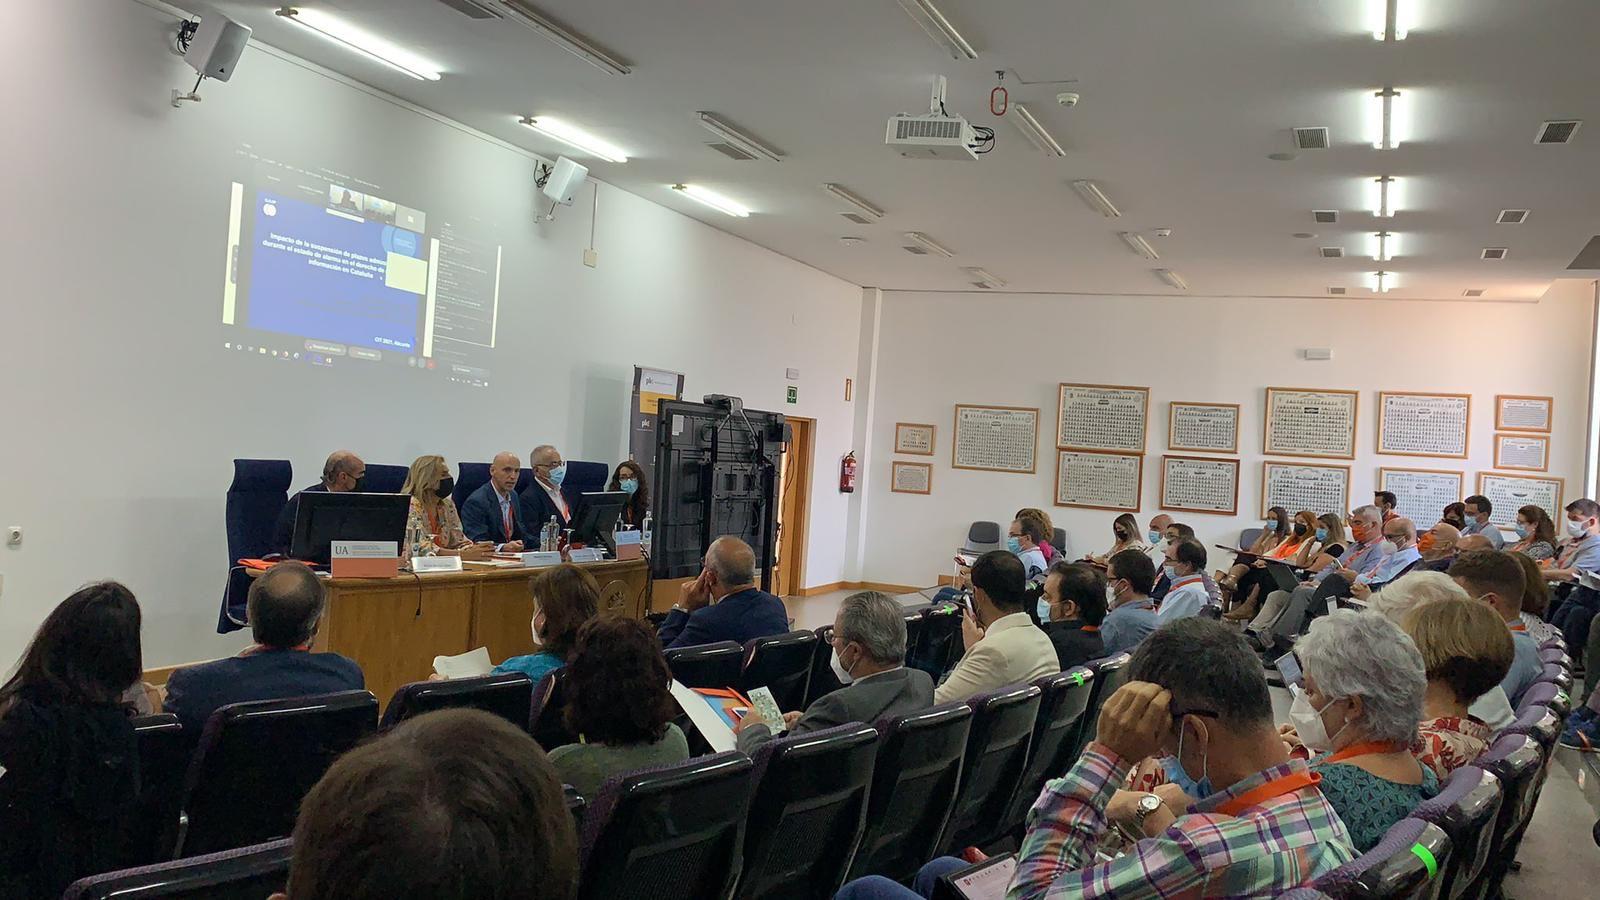 La diputada de Contratación y Transparencia asiste al VI Congreso Internacional de Transparencia